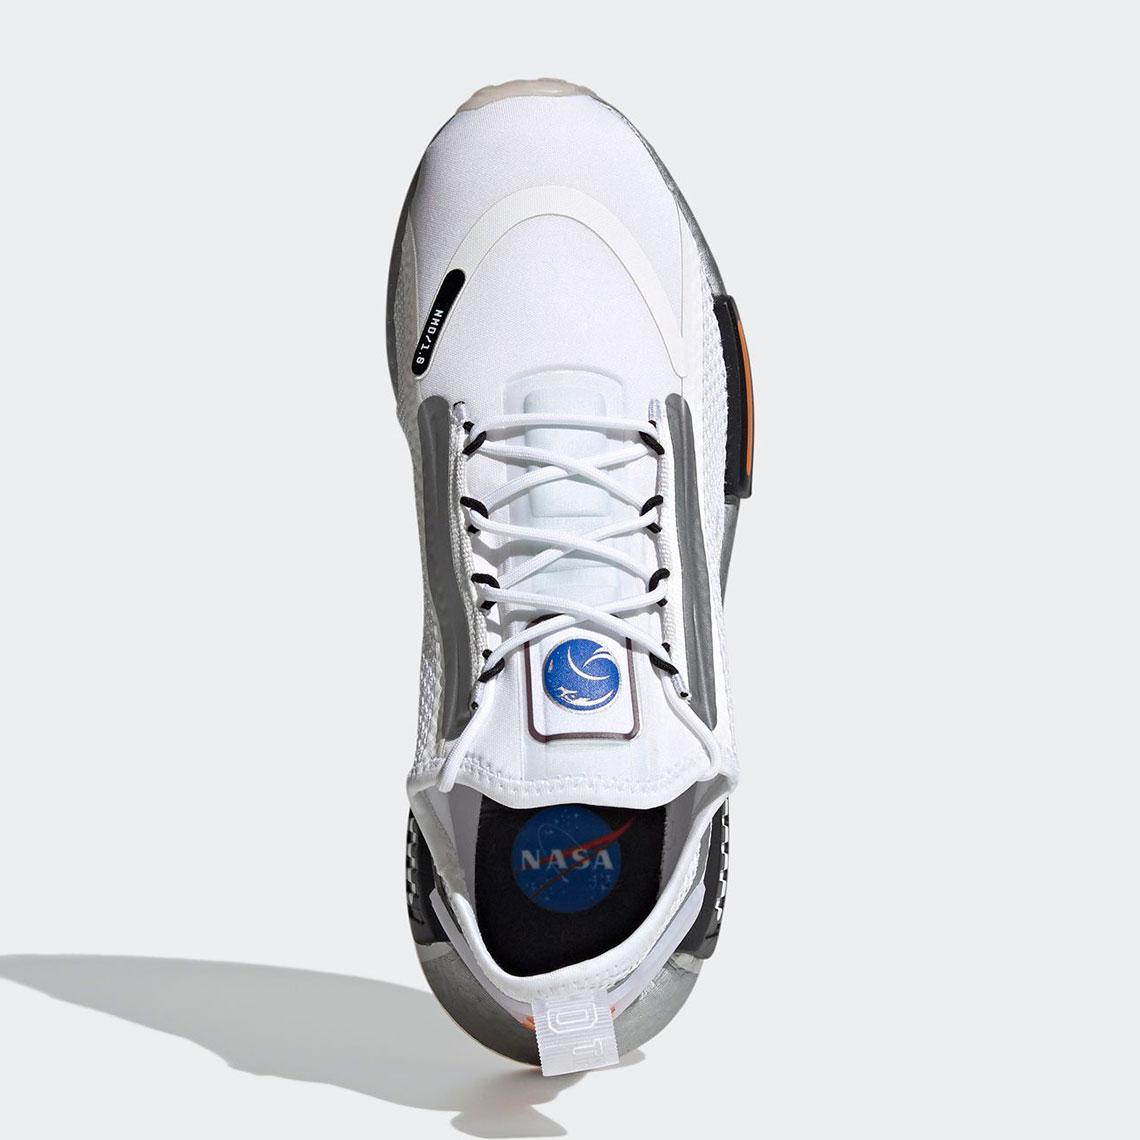 NASA adidas NMD R1 SPECTOO FX6818 FX6819 | SneakerNews.com